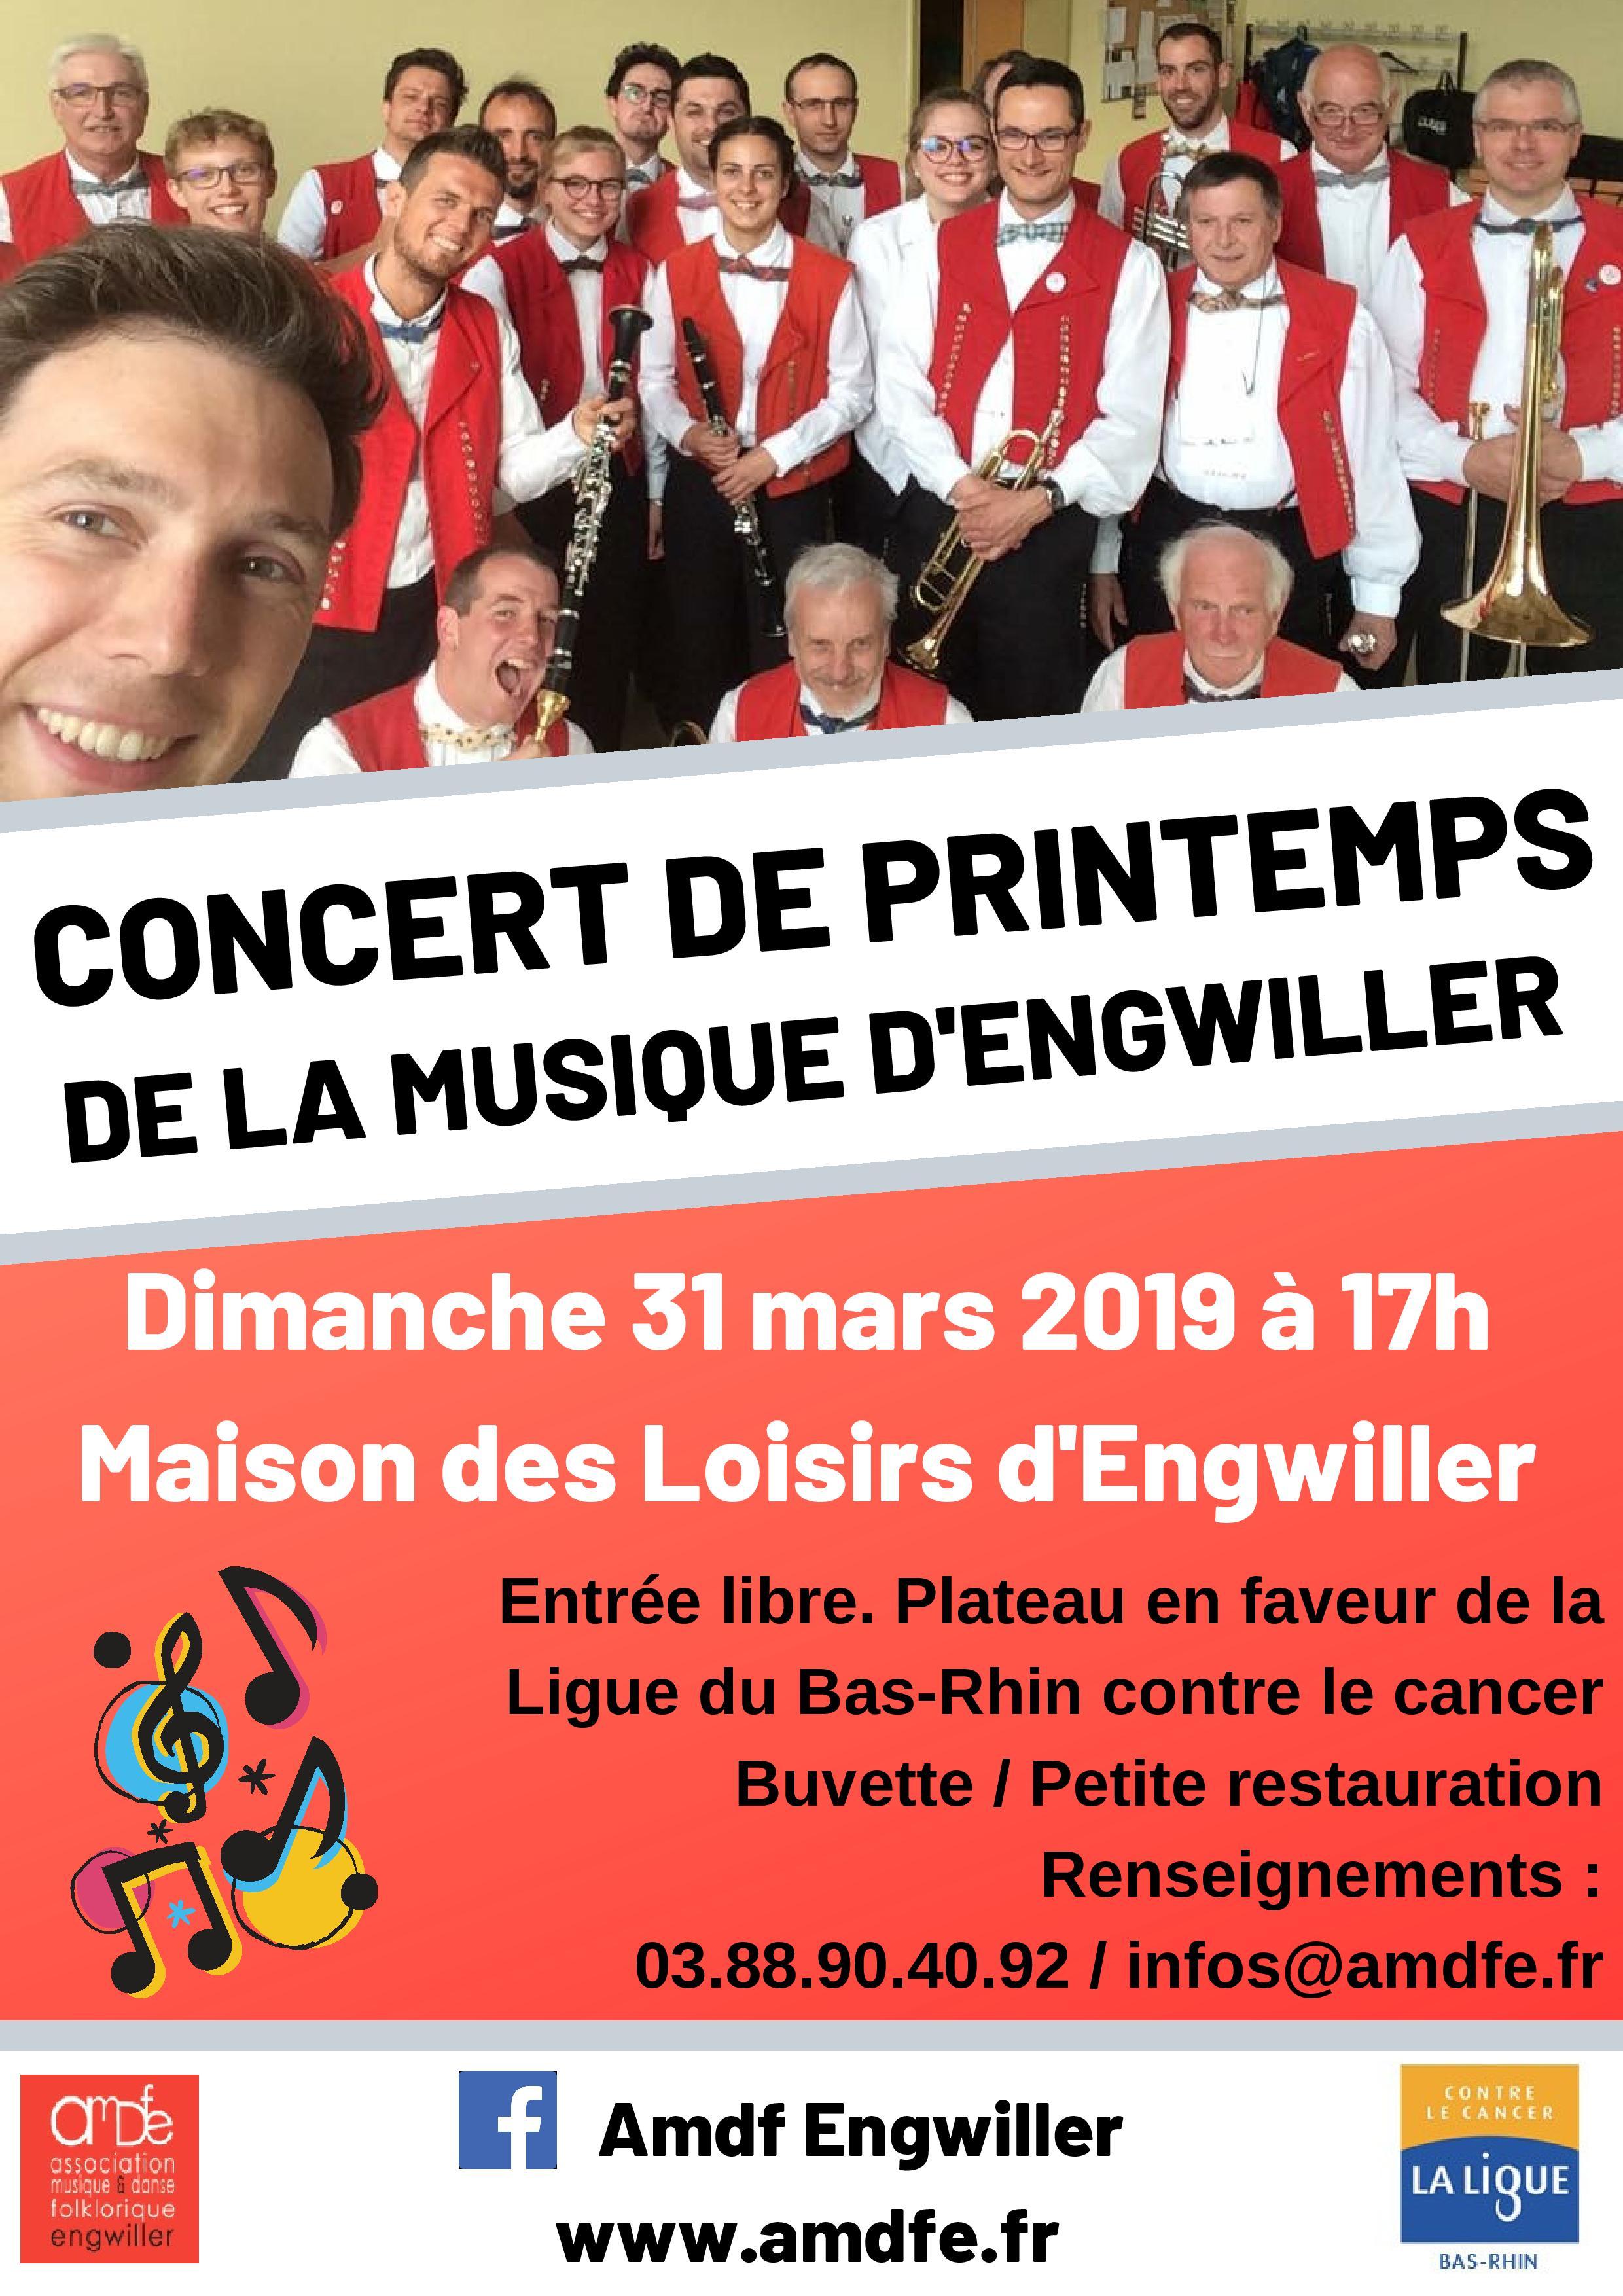 Concert de printemps de la Musique d'Engwiller